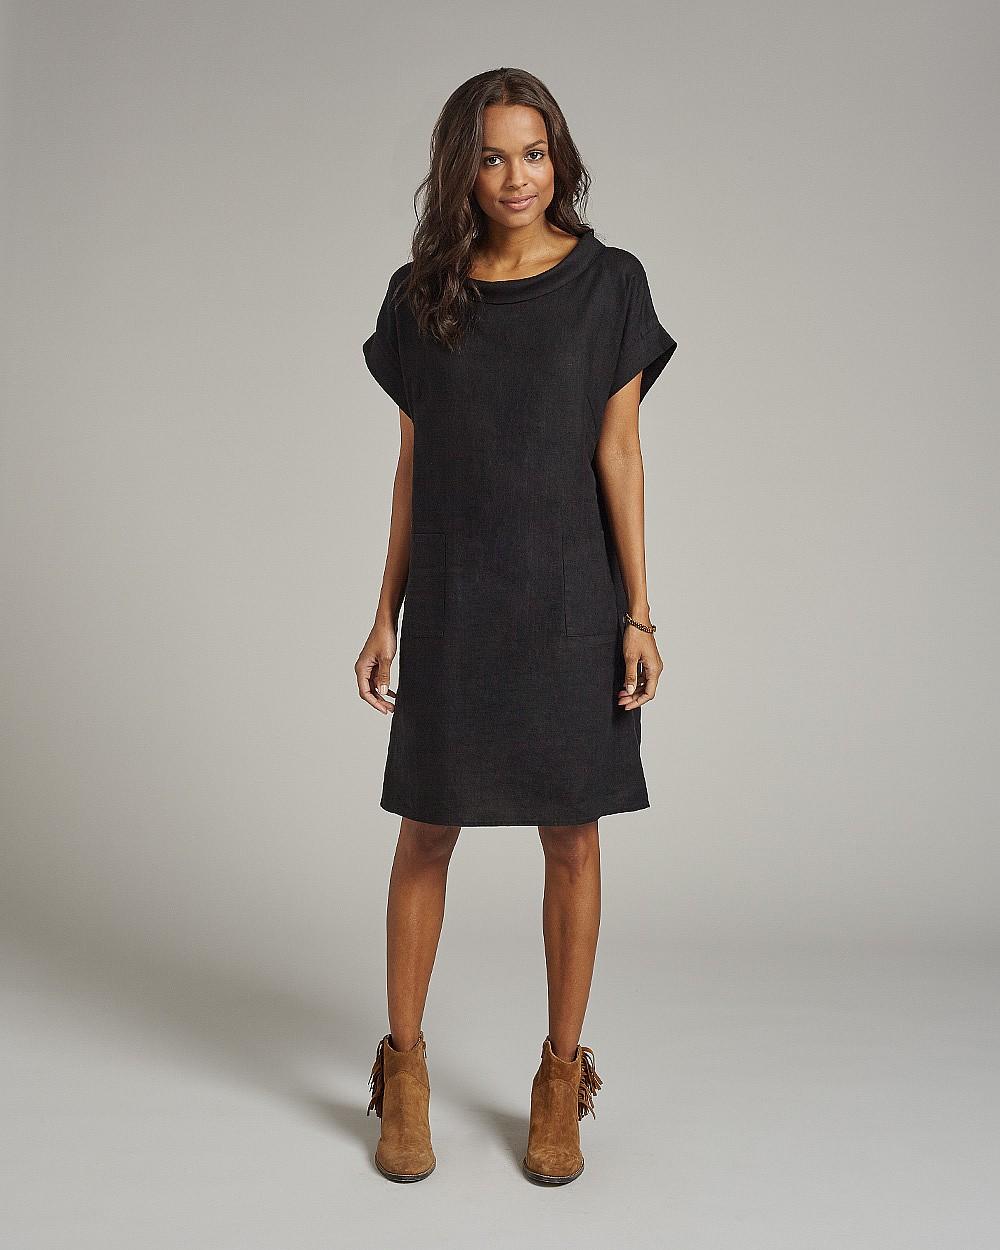 Linen dress, £85, East